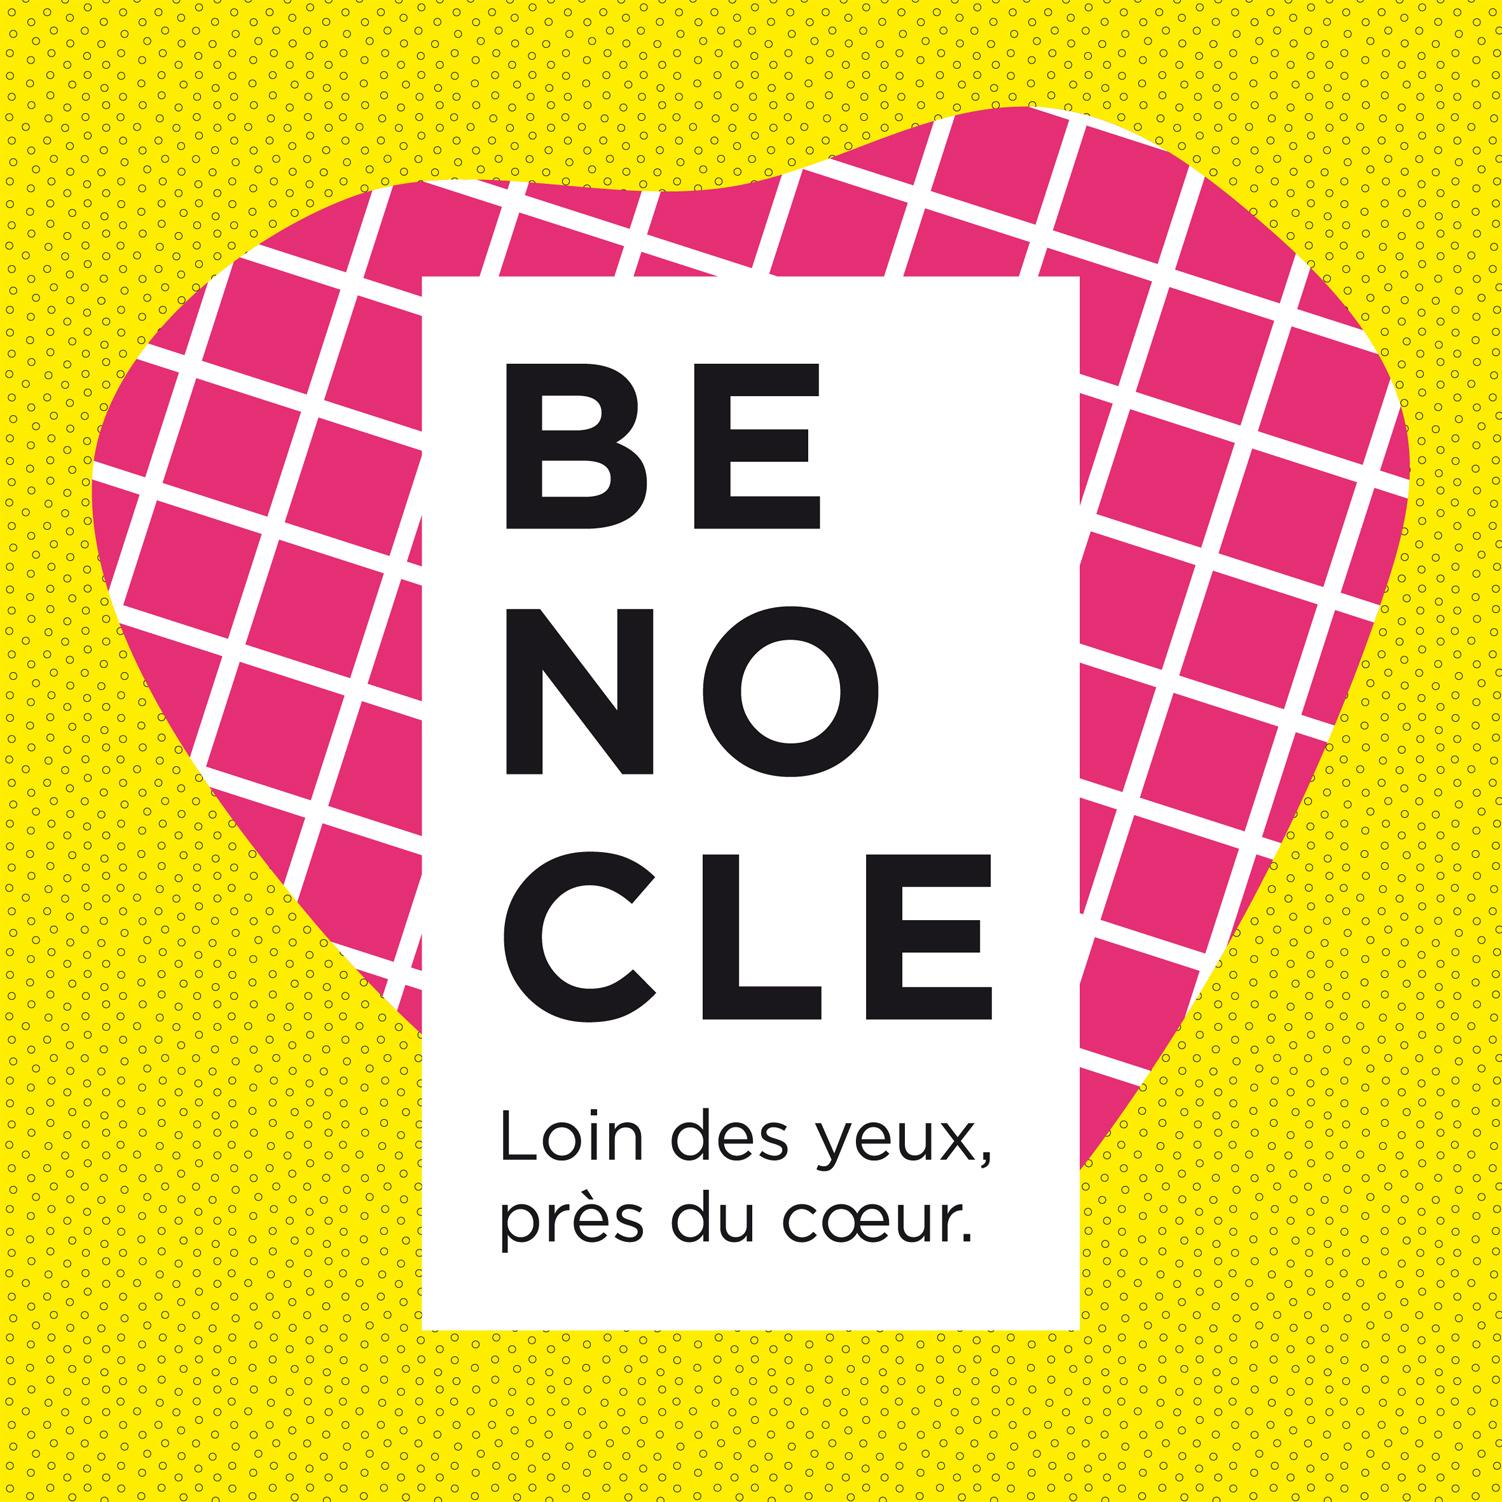 Benocle